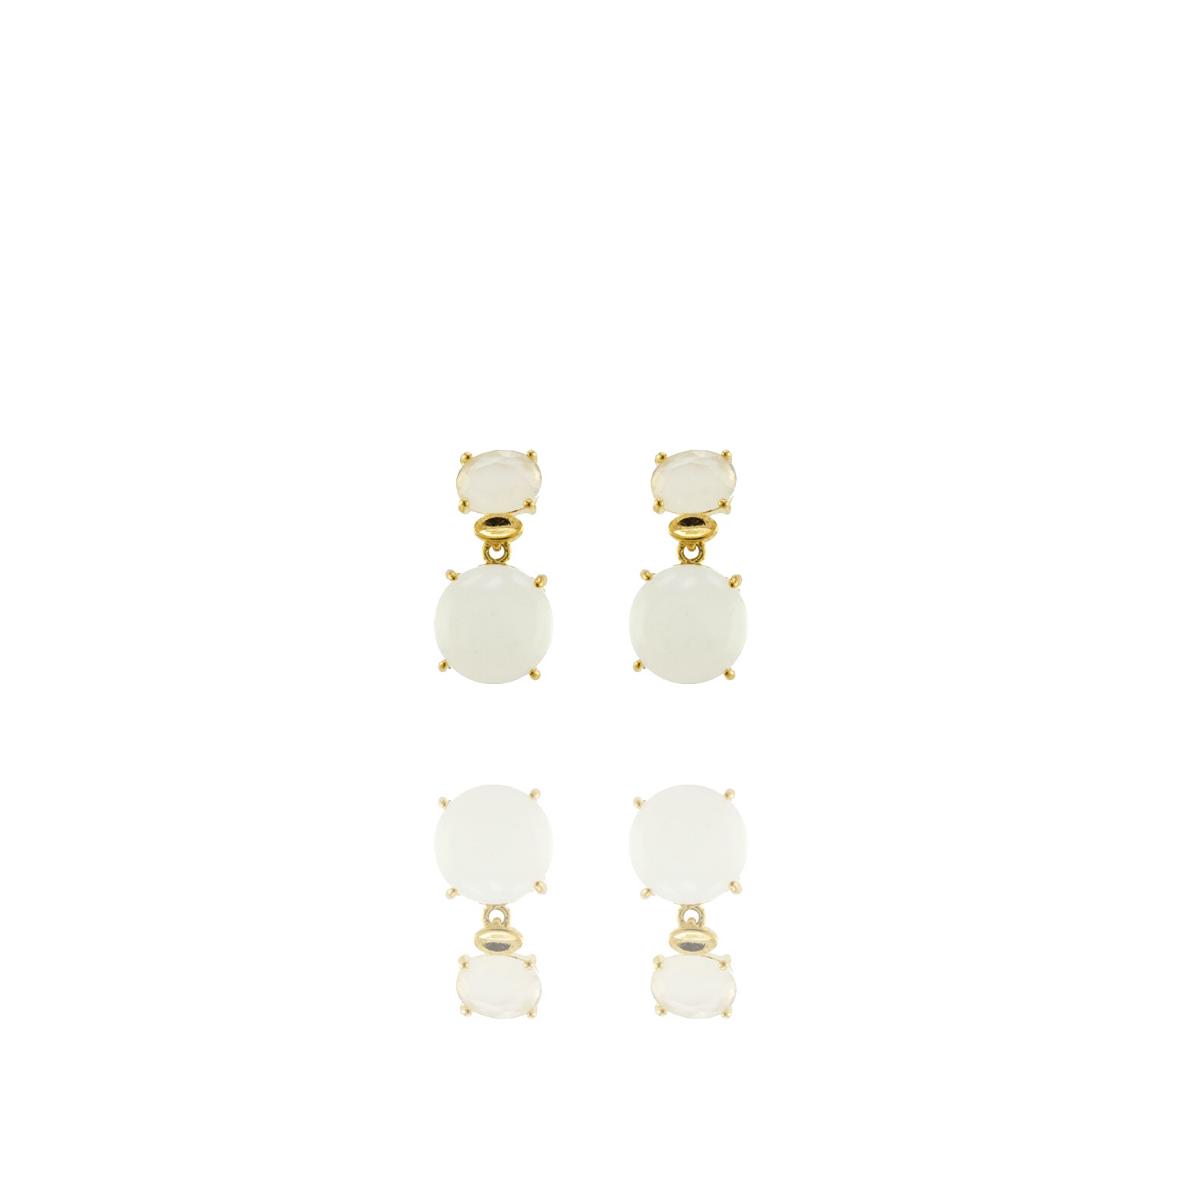 Brinco Barbara Strauss Esmirna Quartzo Cristal Leitoso, Revestido Em Ouro 18K